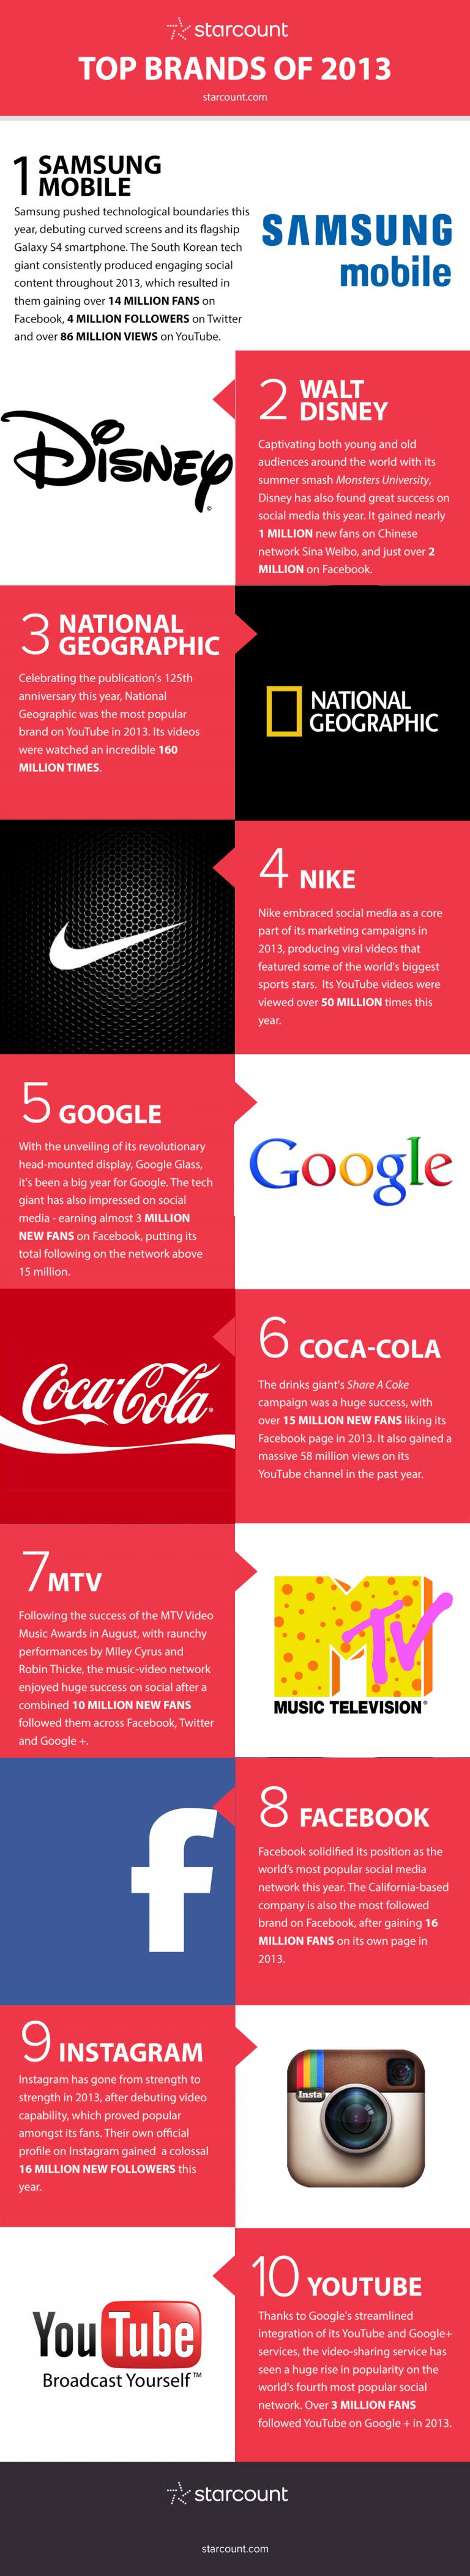 Quelles sont les marques les plus populaires sur les réseaux sociaux ?